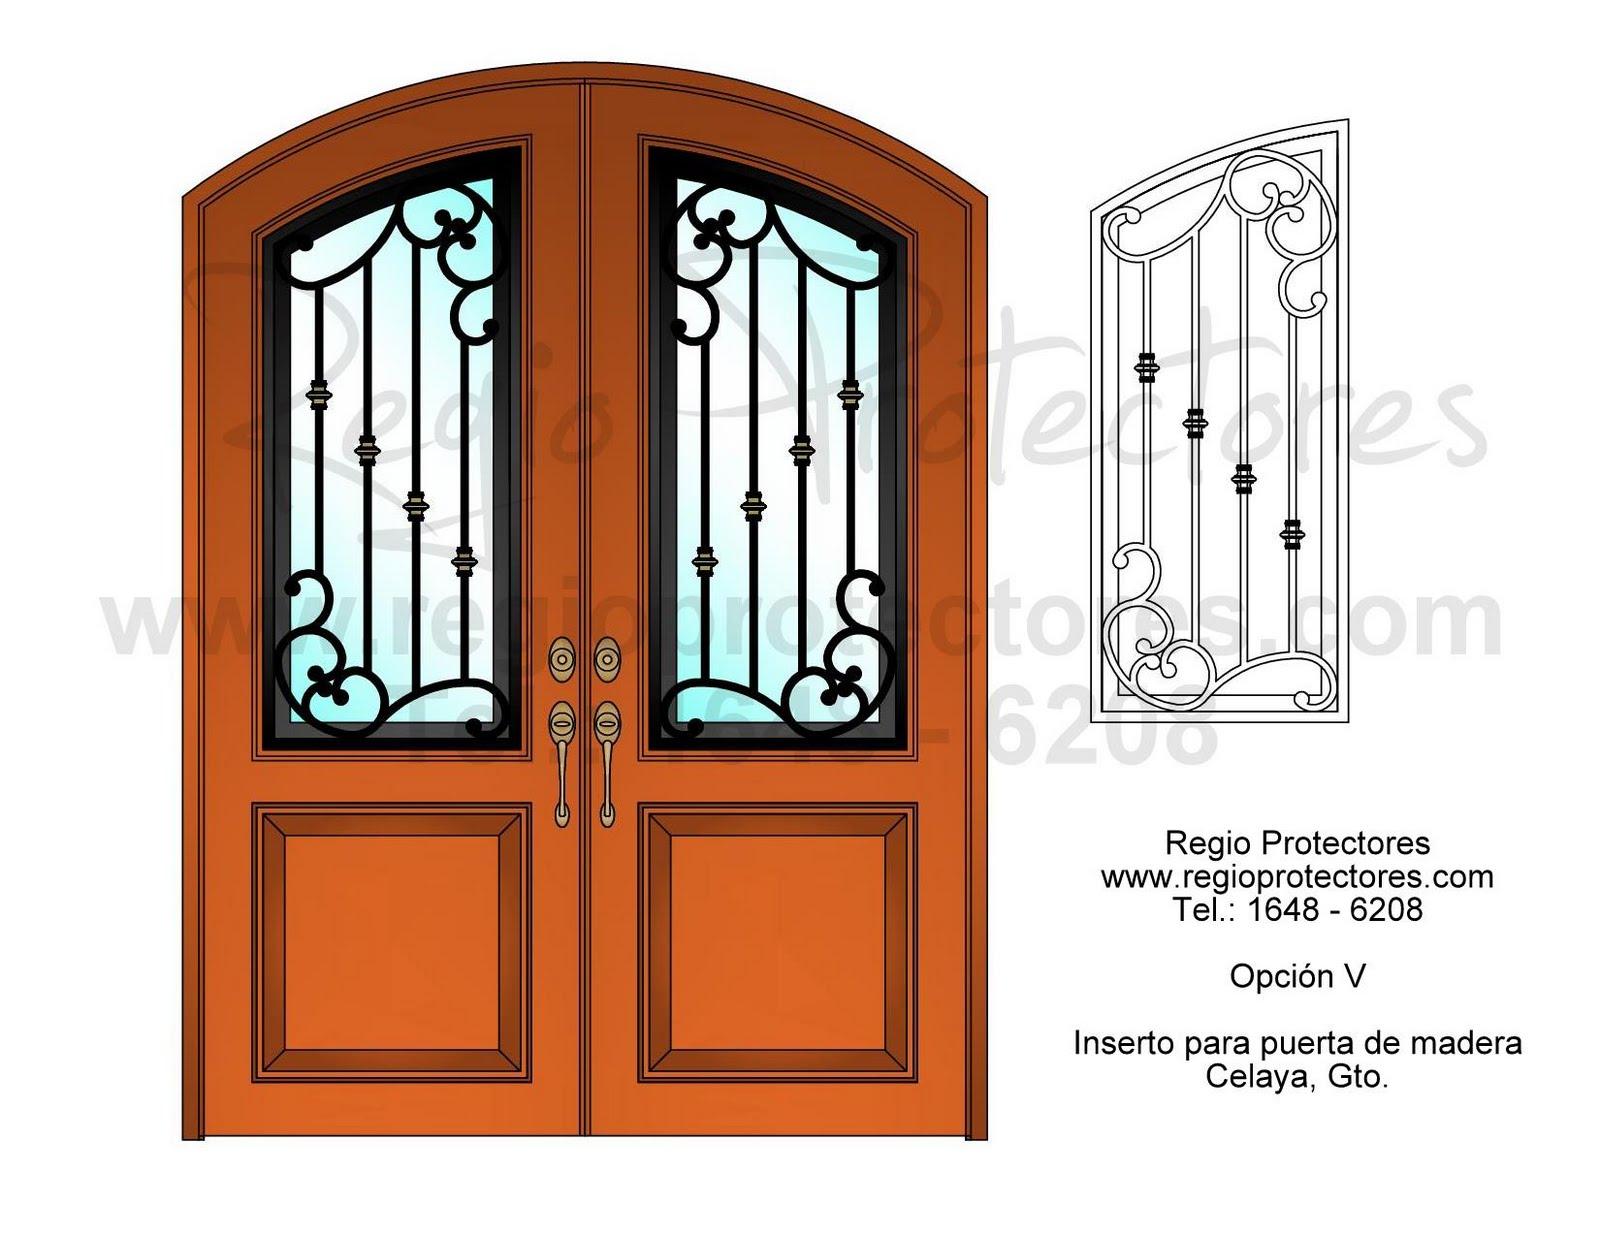 Pin puertas ventanas madera antiguas buenos aires casa - Puertas de casa ...